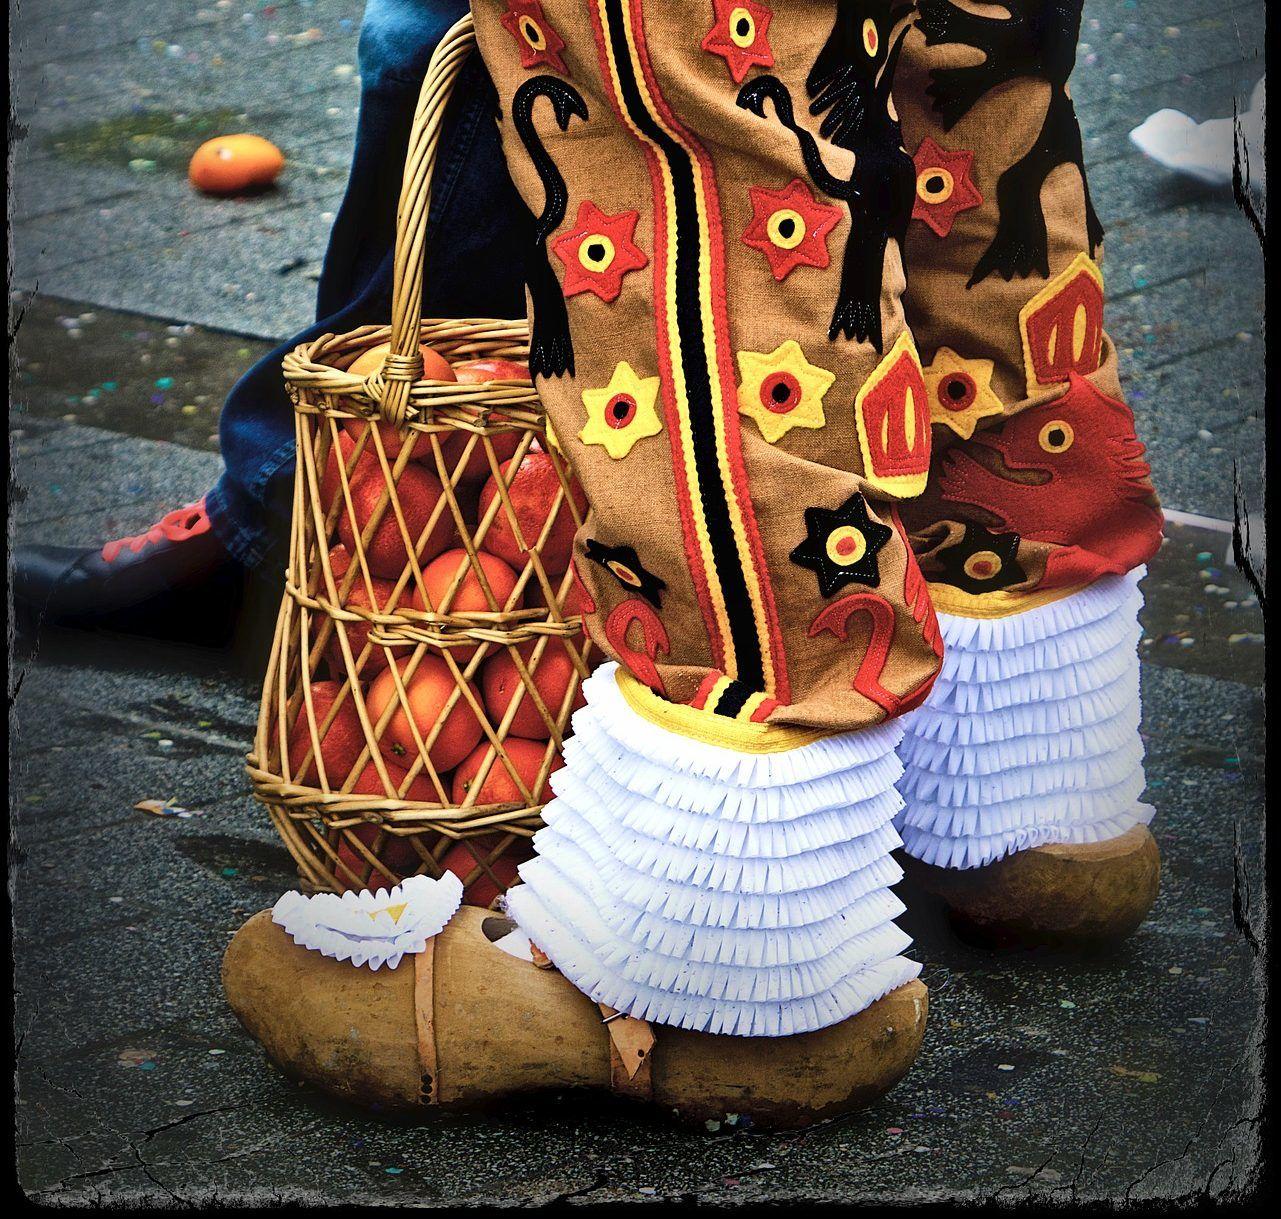 Topánky a košík s jablkami